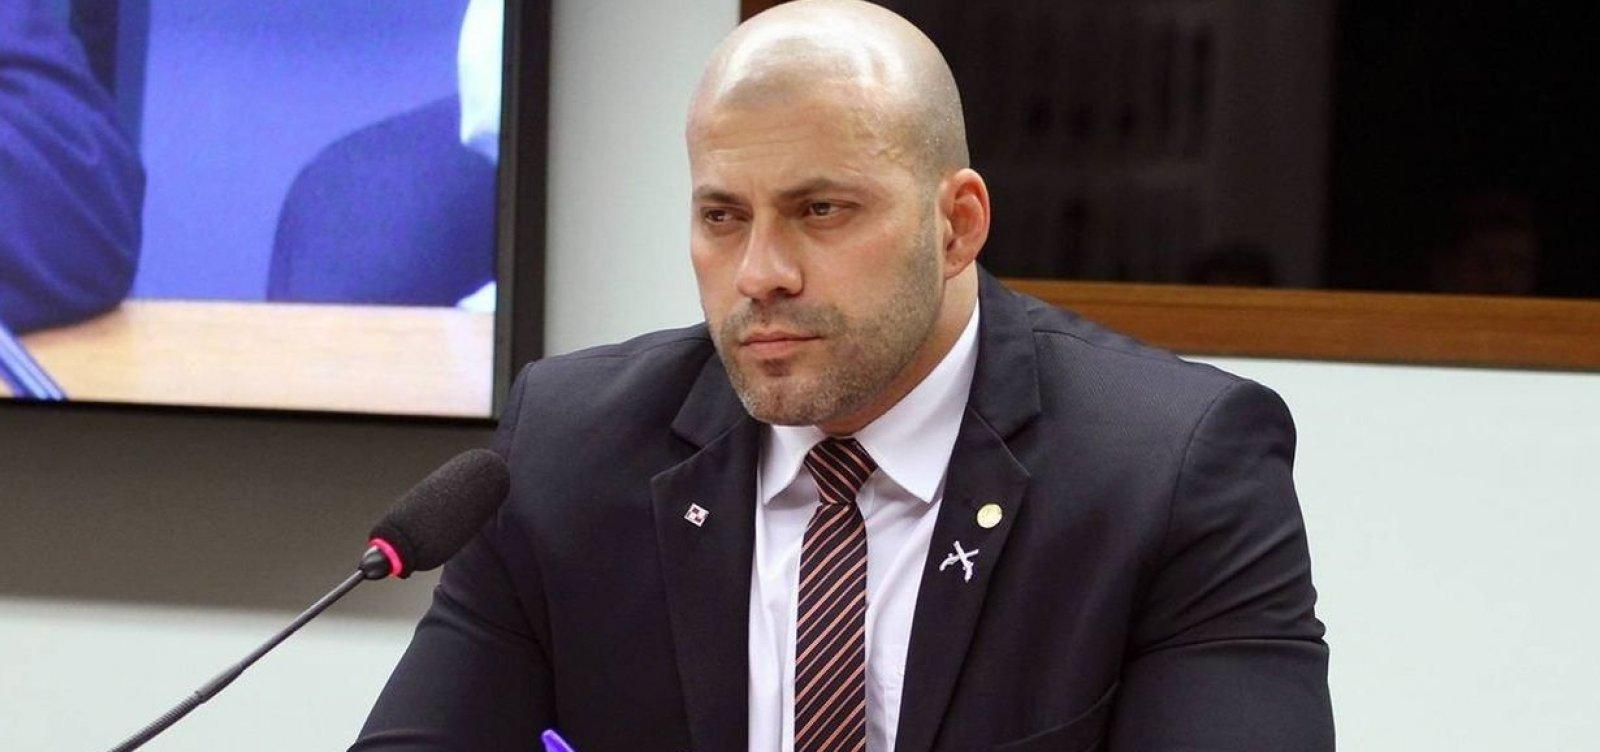 Conselho de Ética da Câmara aprova suspensão do mandato de Daniel Silveira por seis meses